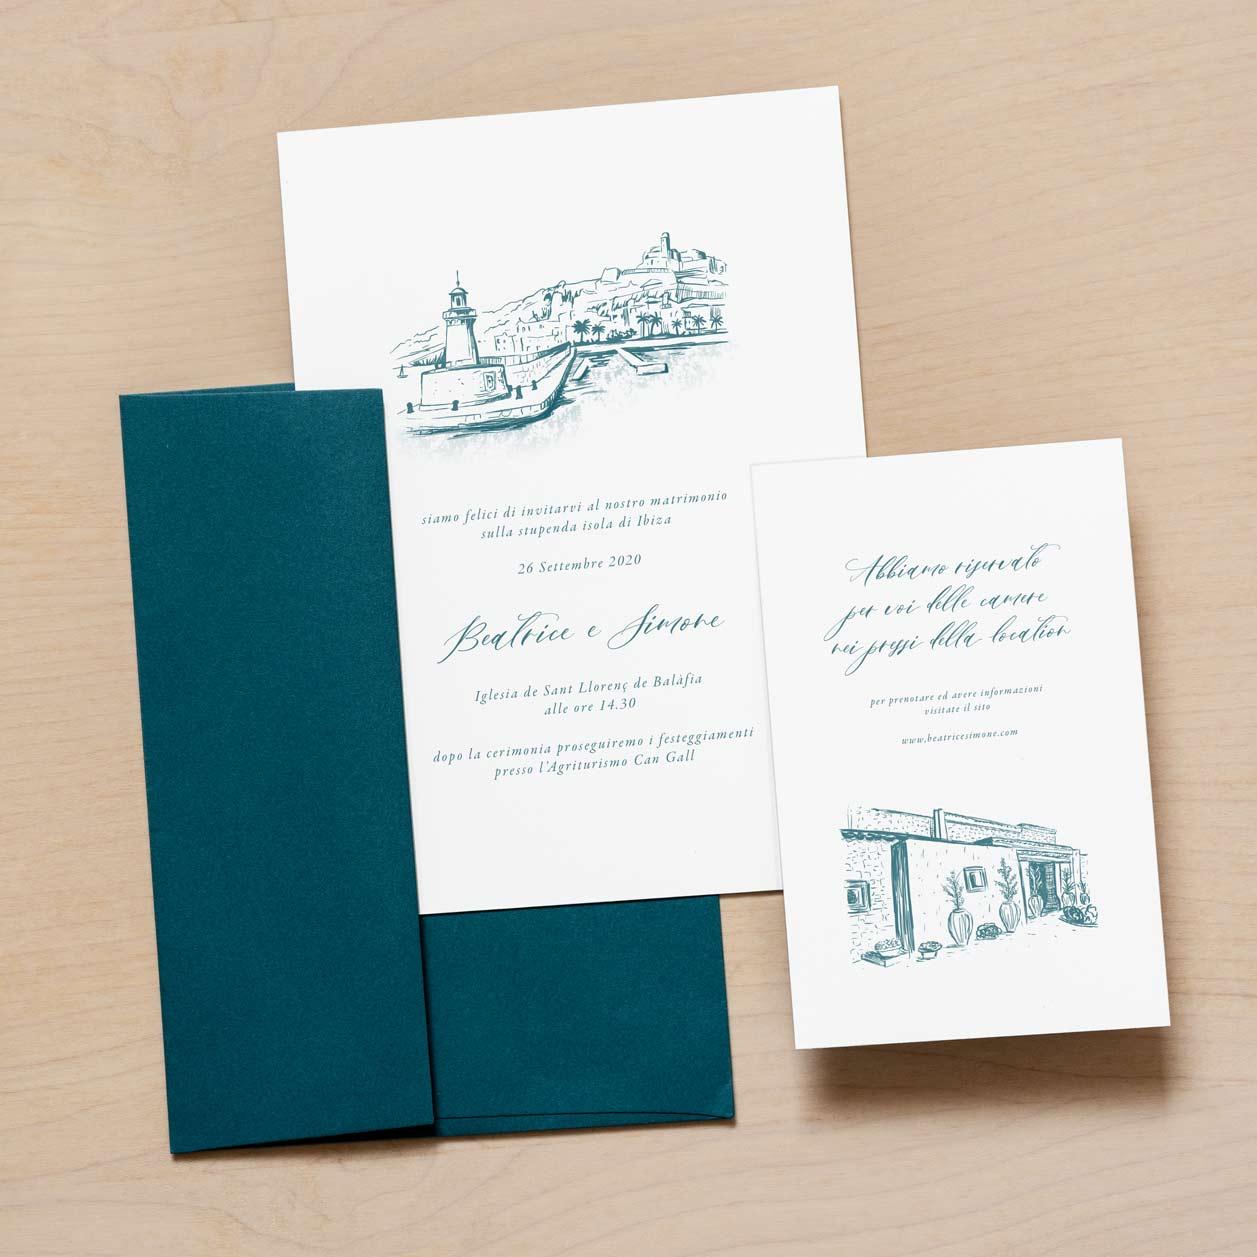 Illustrazione-Disegno-Partecipazione-Invito-Nozze-Matrimonio-2020-Personalizzate